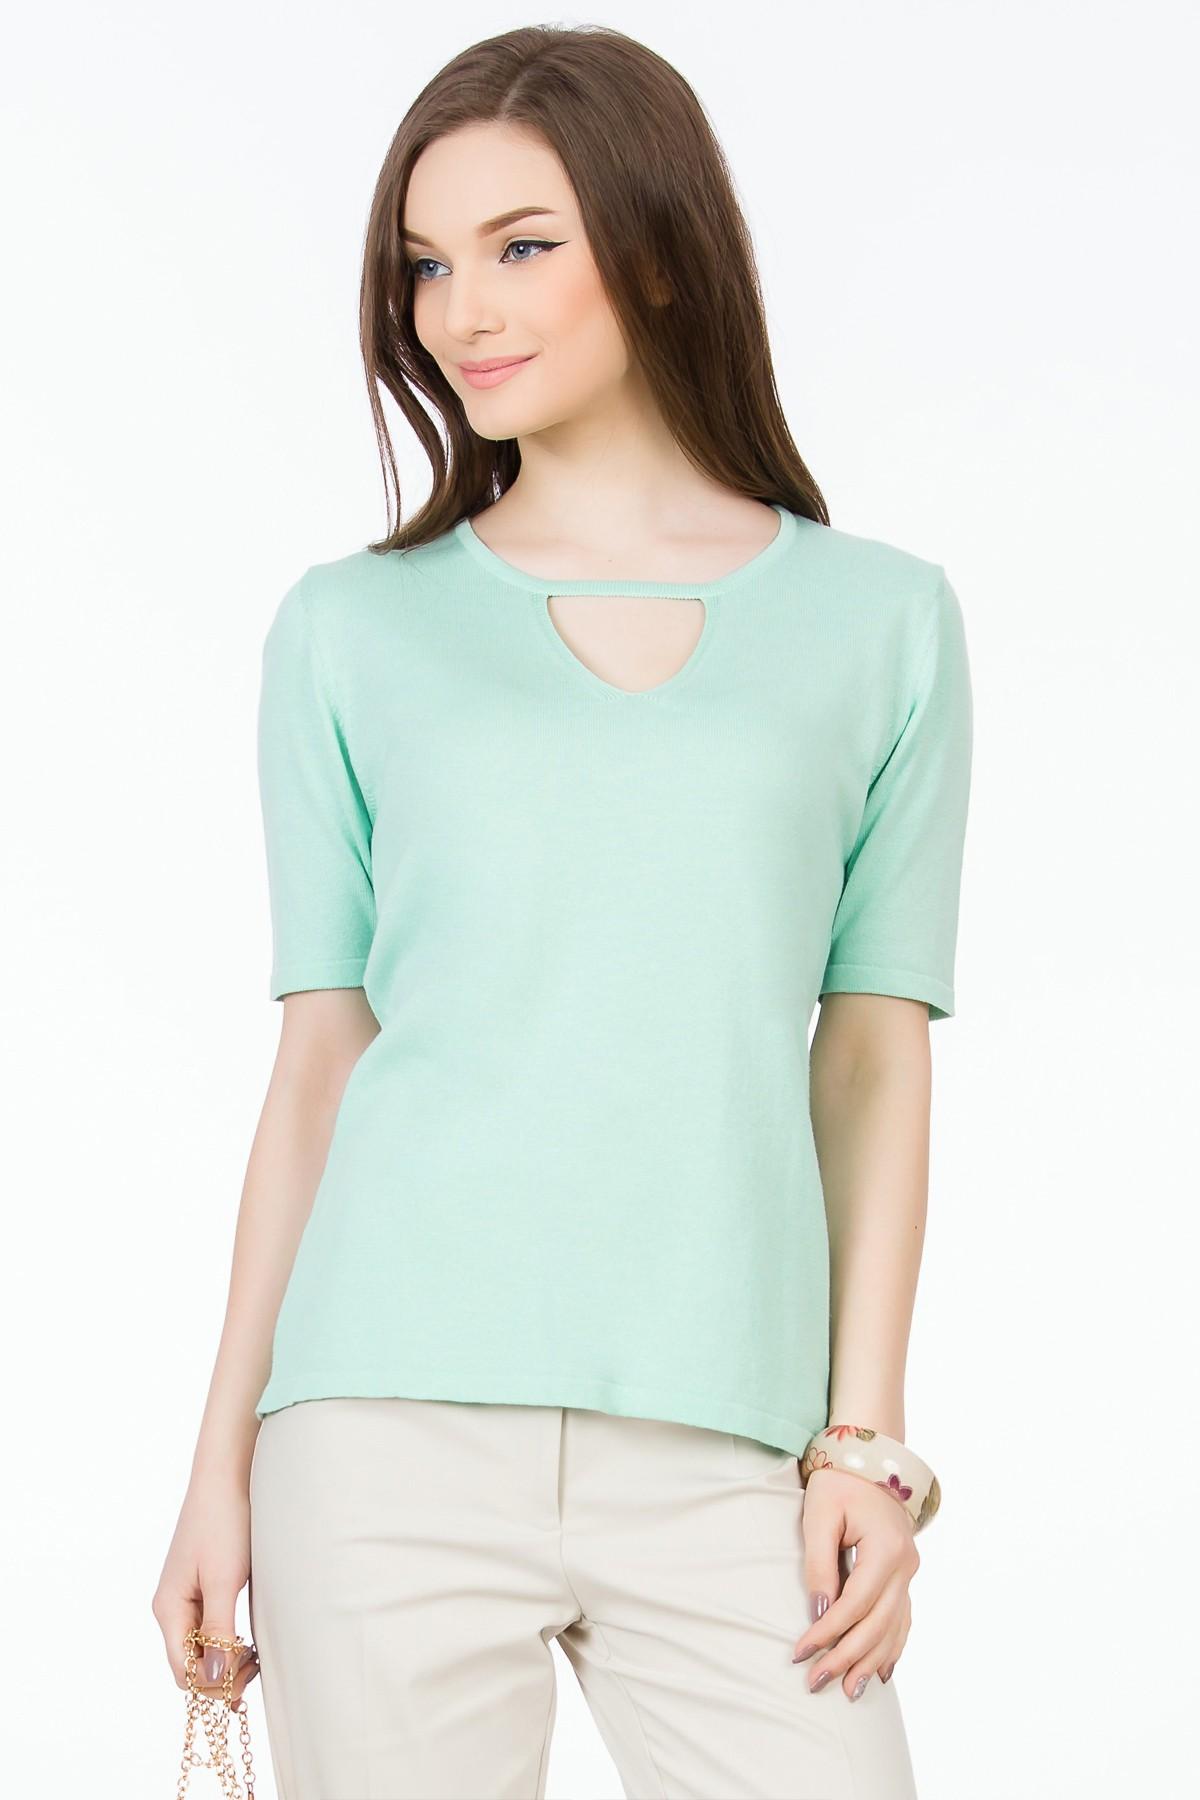 bluza-tricot-pastel-sense